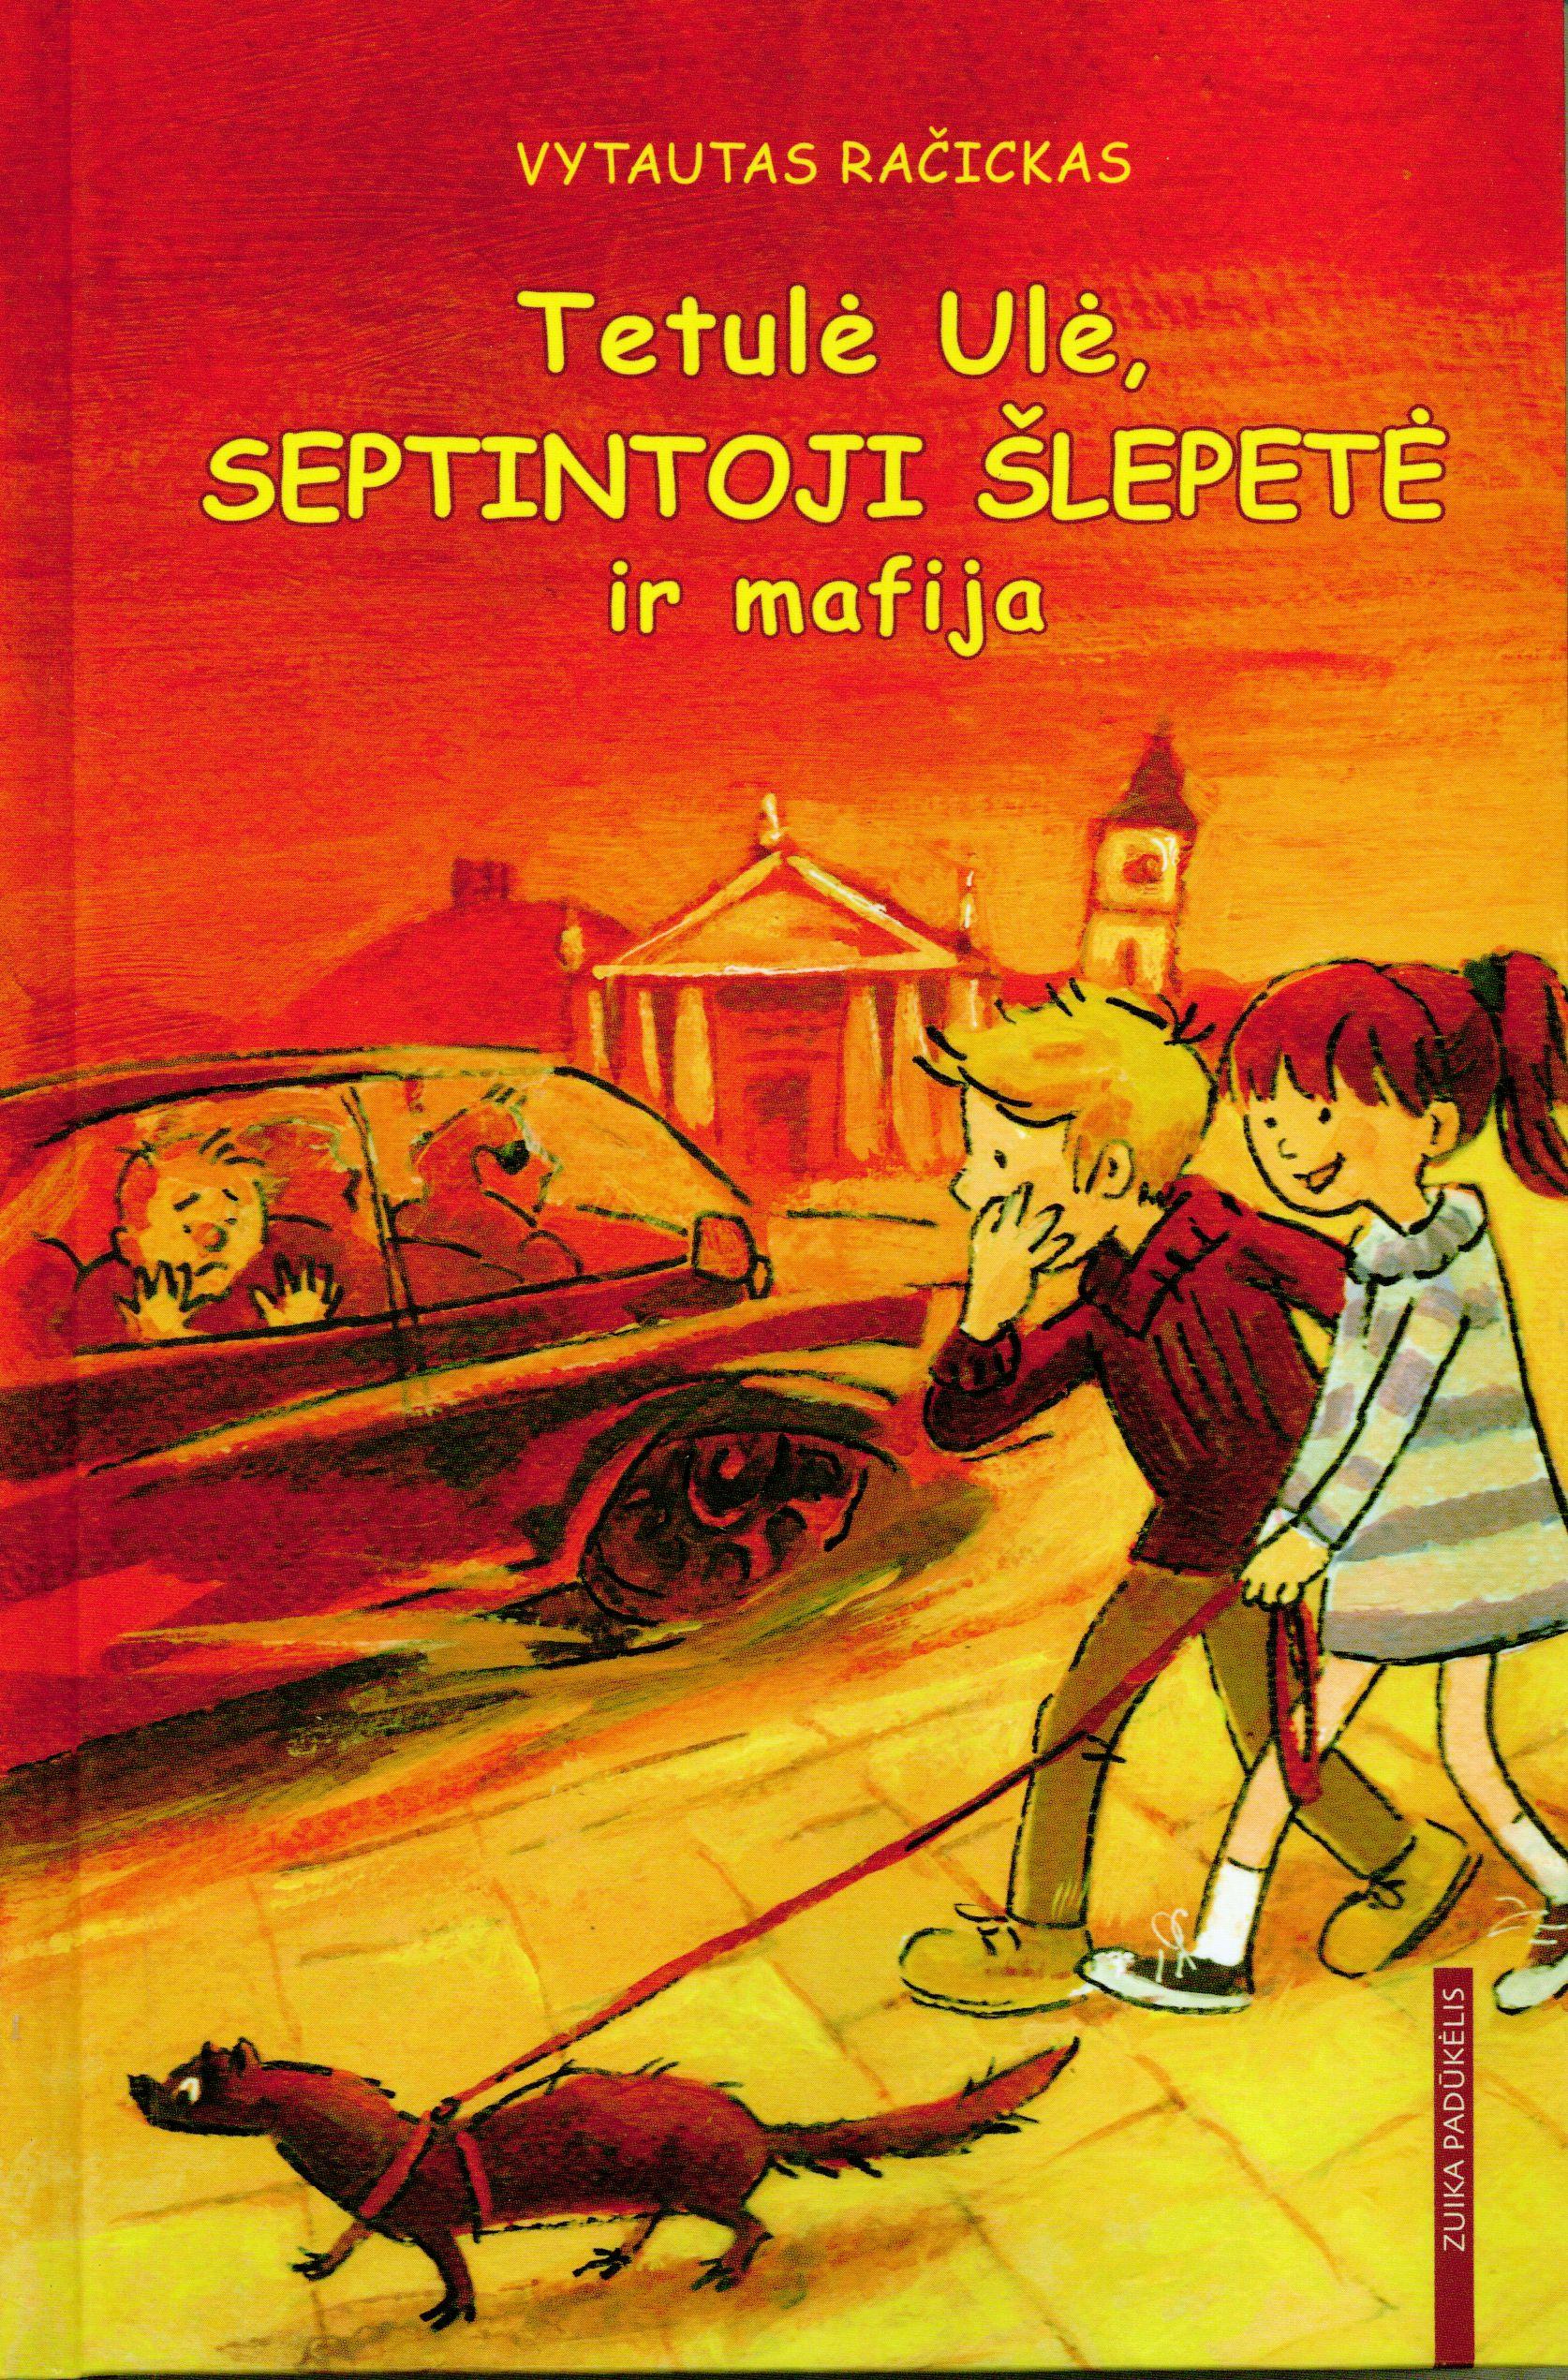 Tetulė Ulė, septintoji šlepetė ir mafija